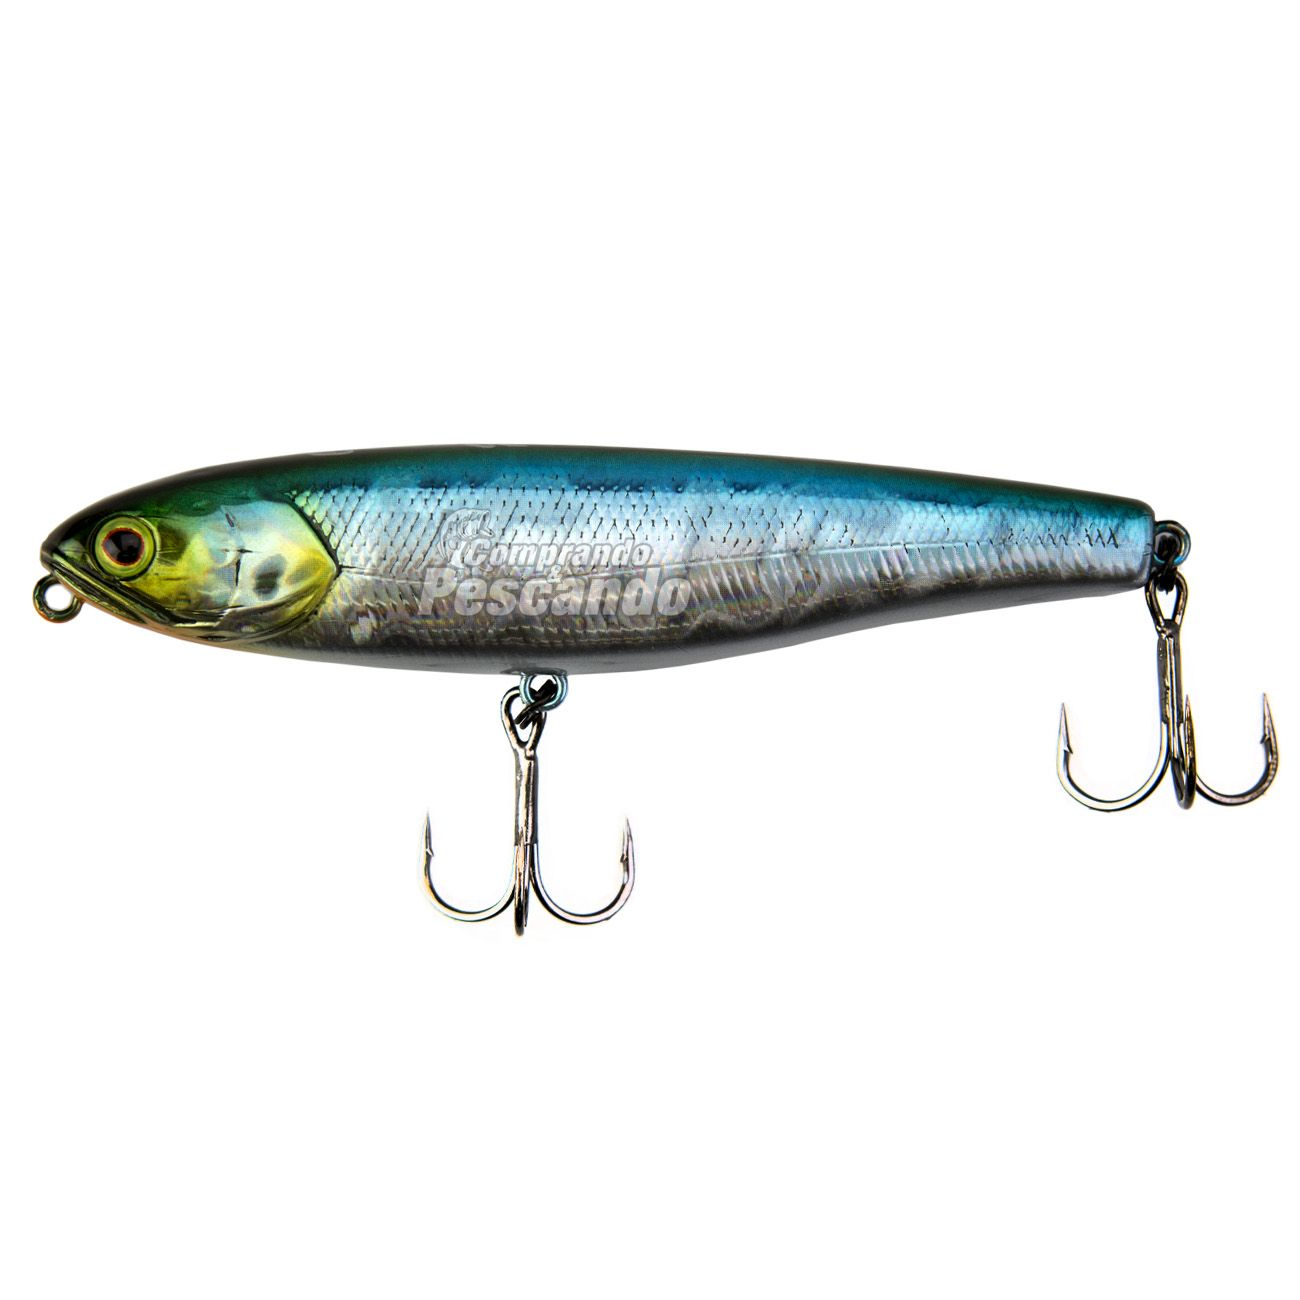 Isca Jackall Bonnie 95 (9,5cm - 12,6grs)  - Comprando & Pescando